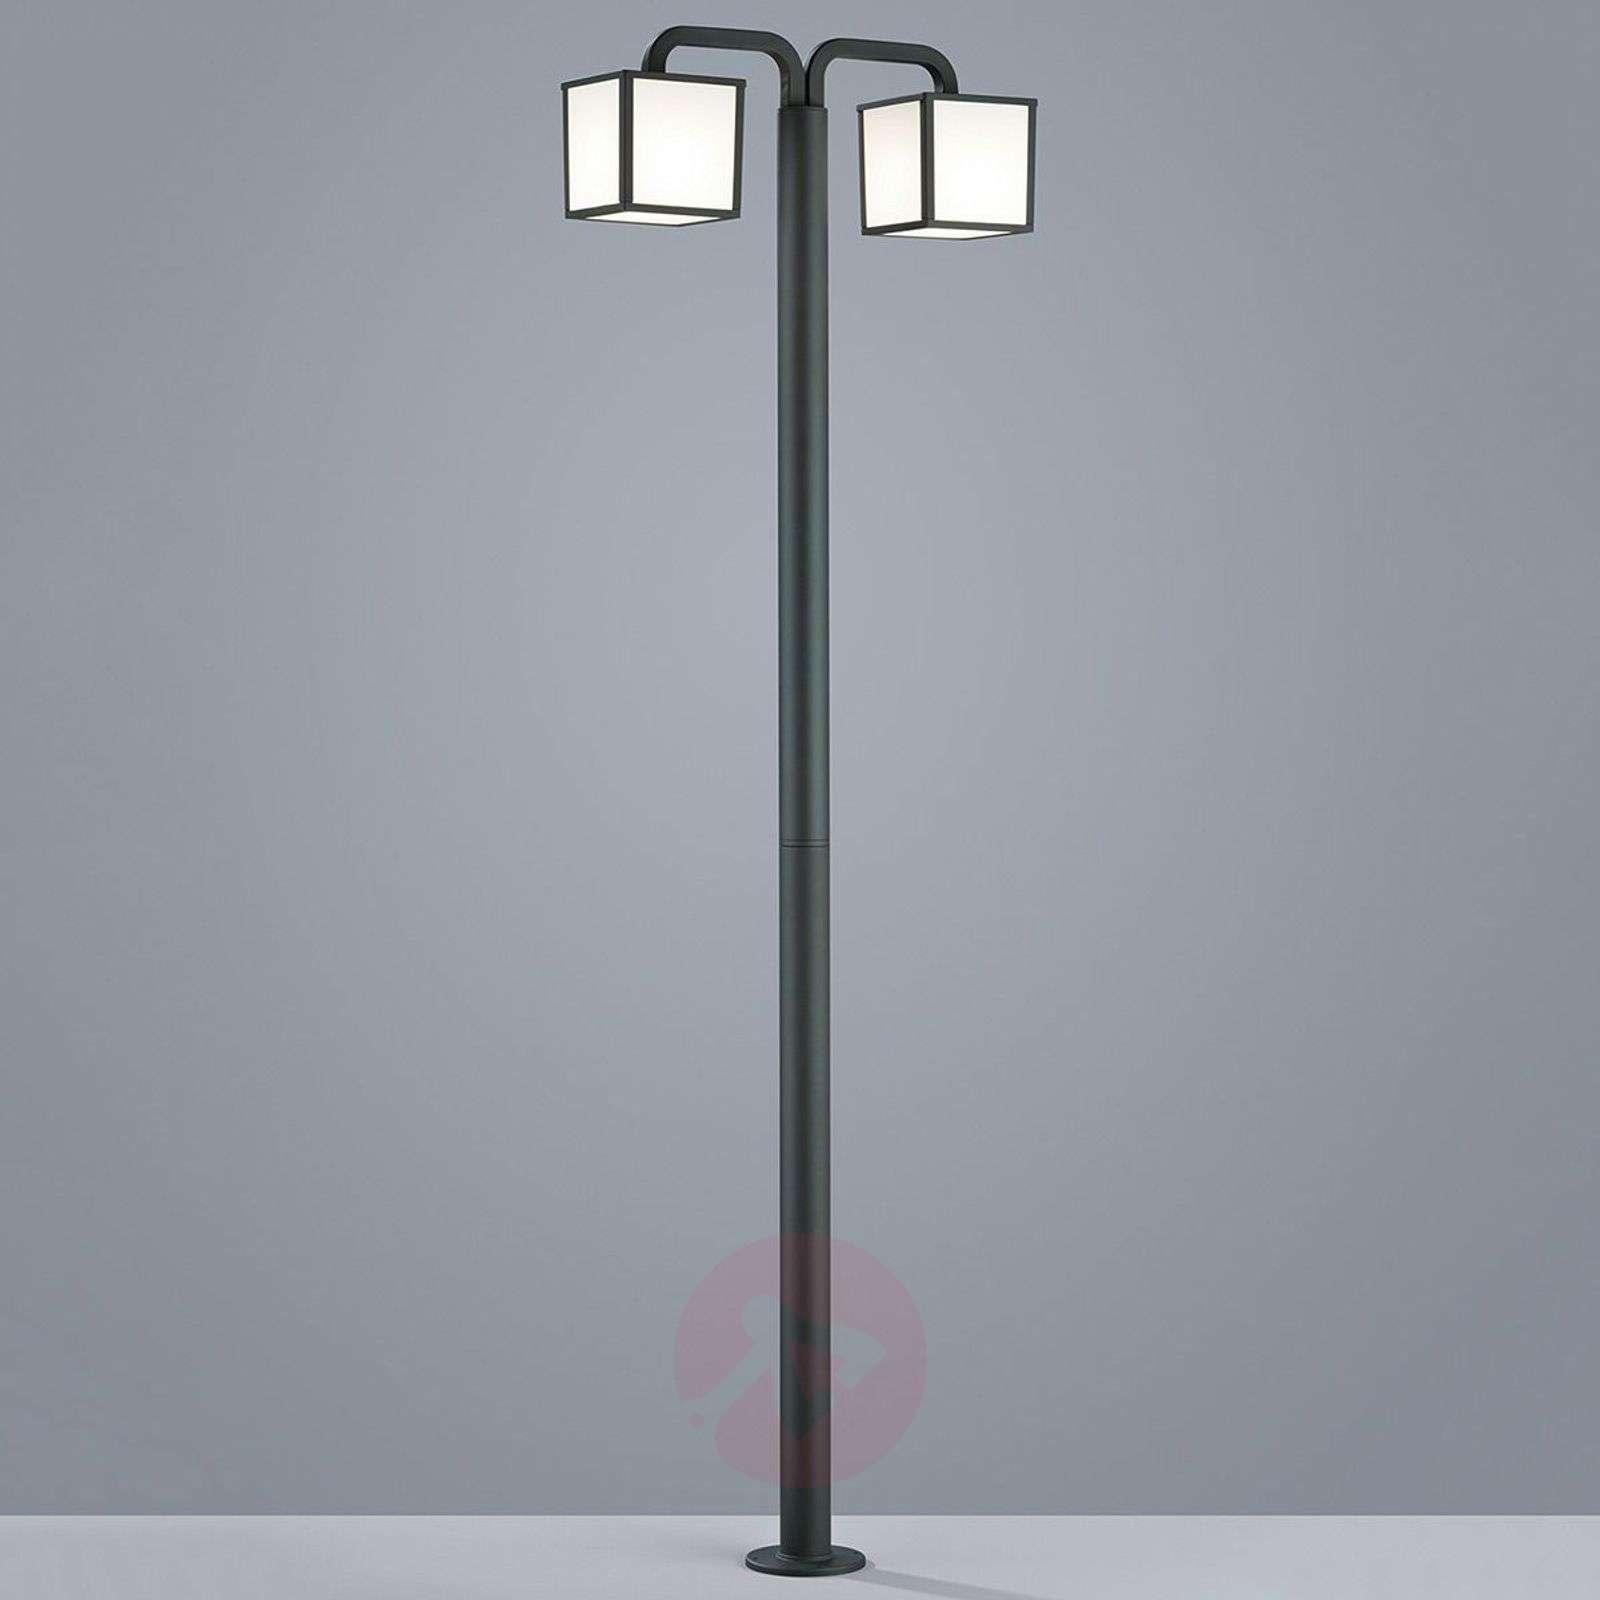 Cubango LED-pylväsvalaisin, 2 lyhtyä-9004728-01